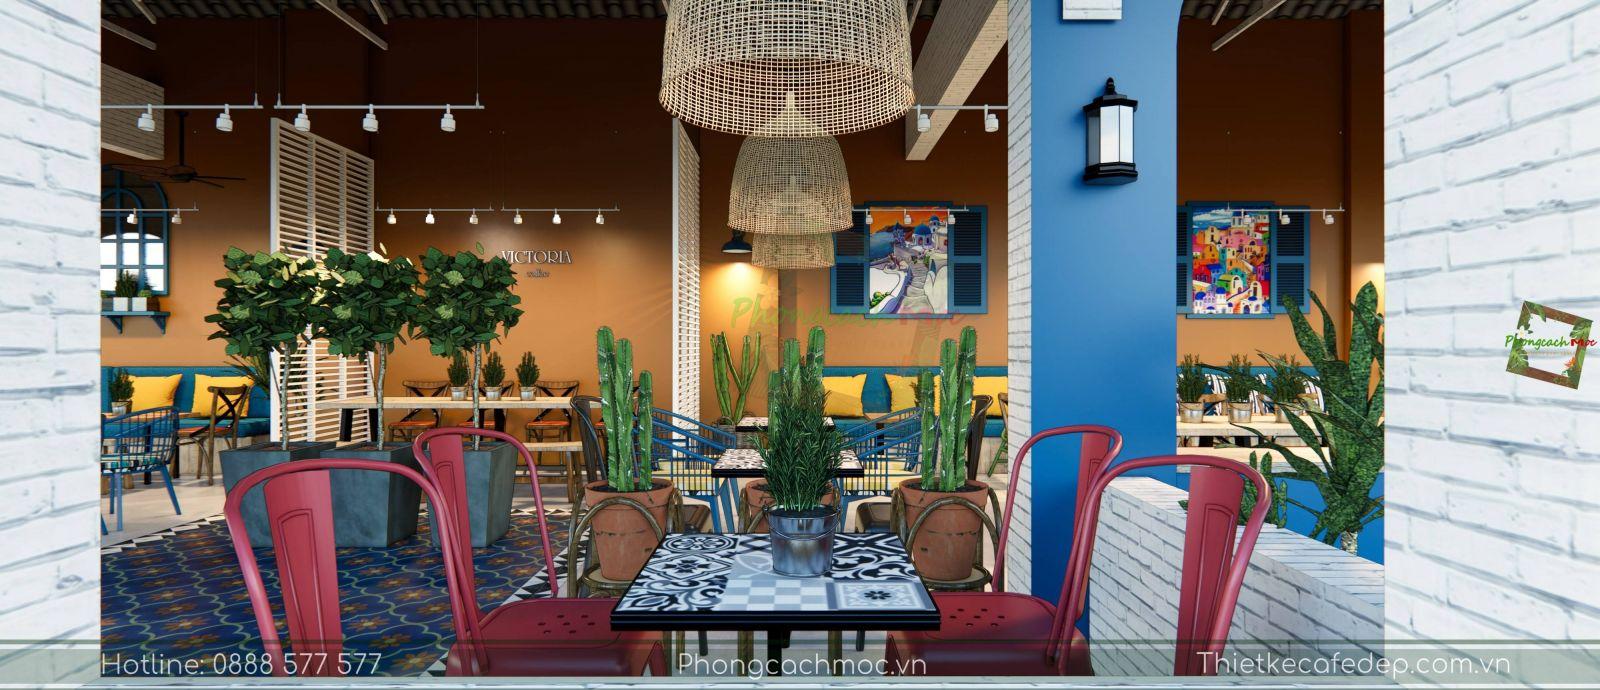 thiết kế quán cafe địa trung hải không gian phòng lạnh - 3